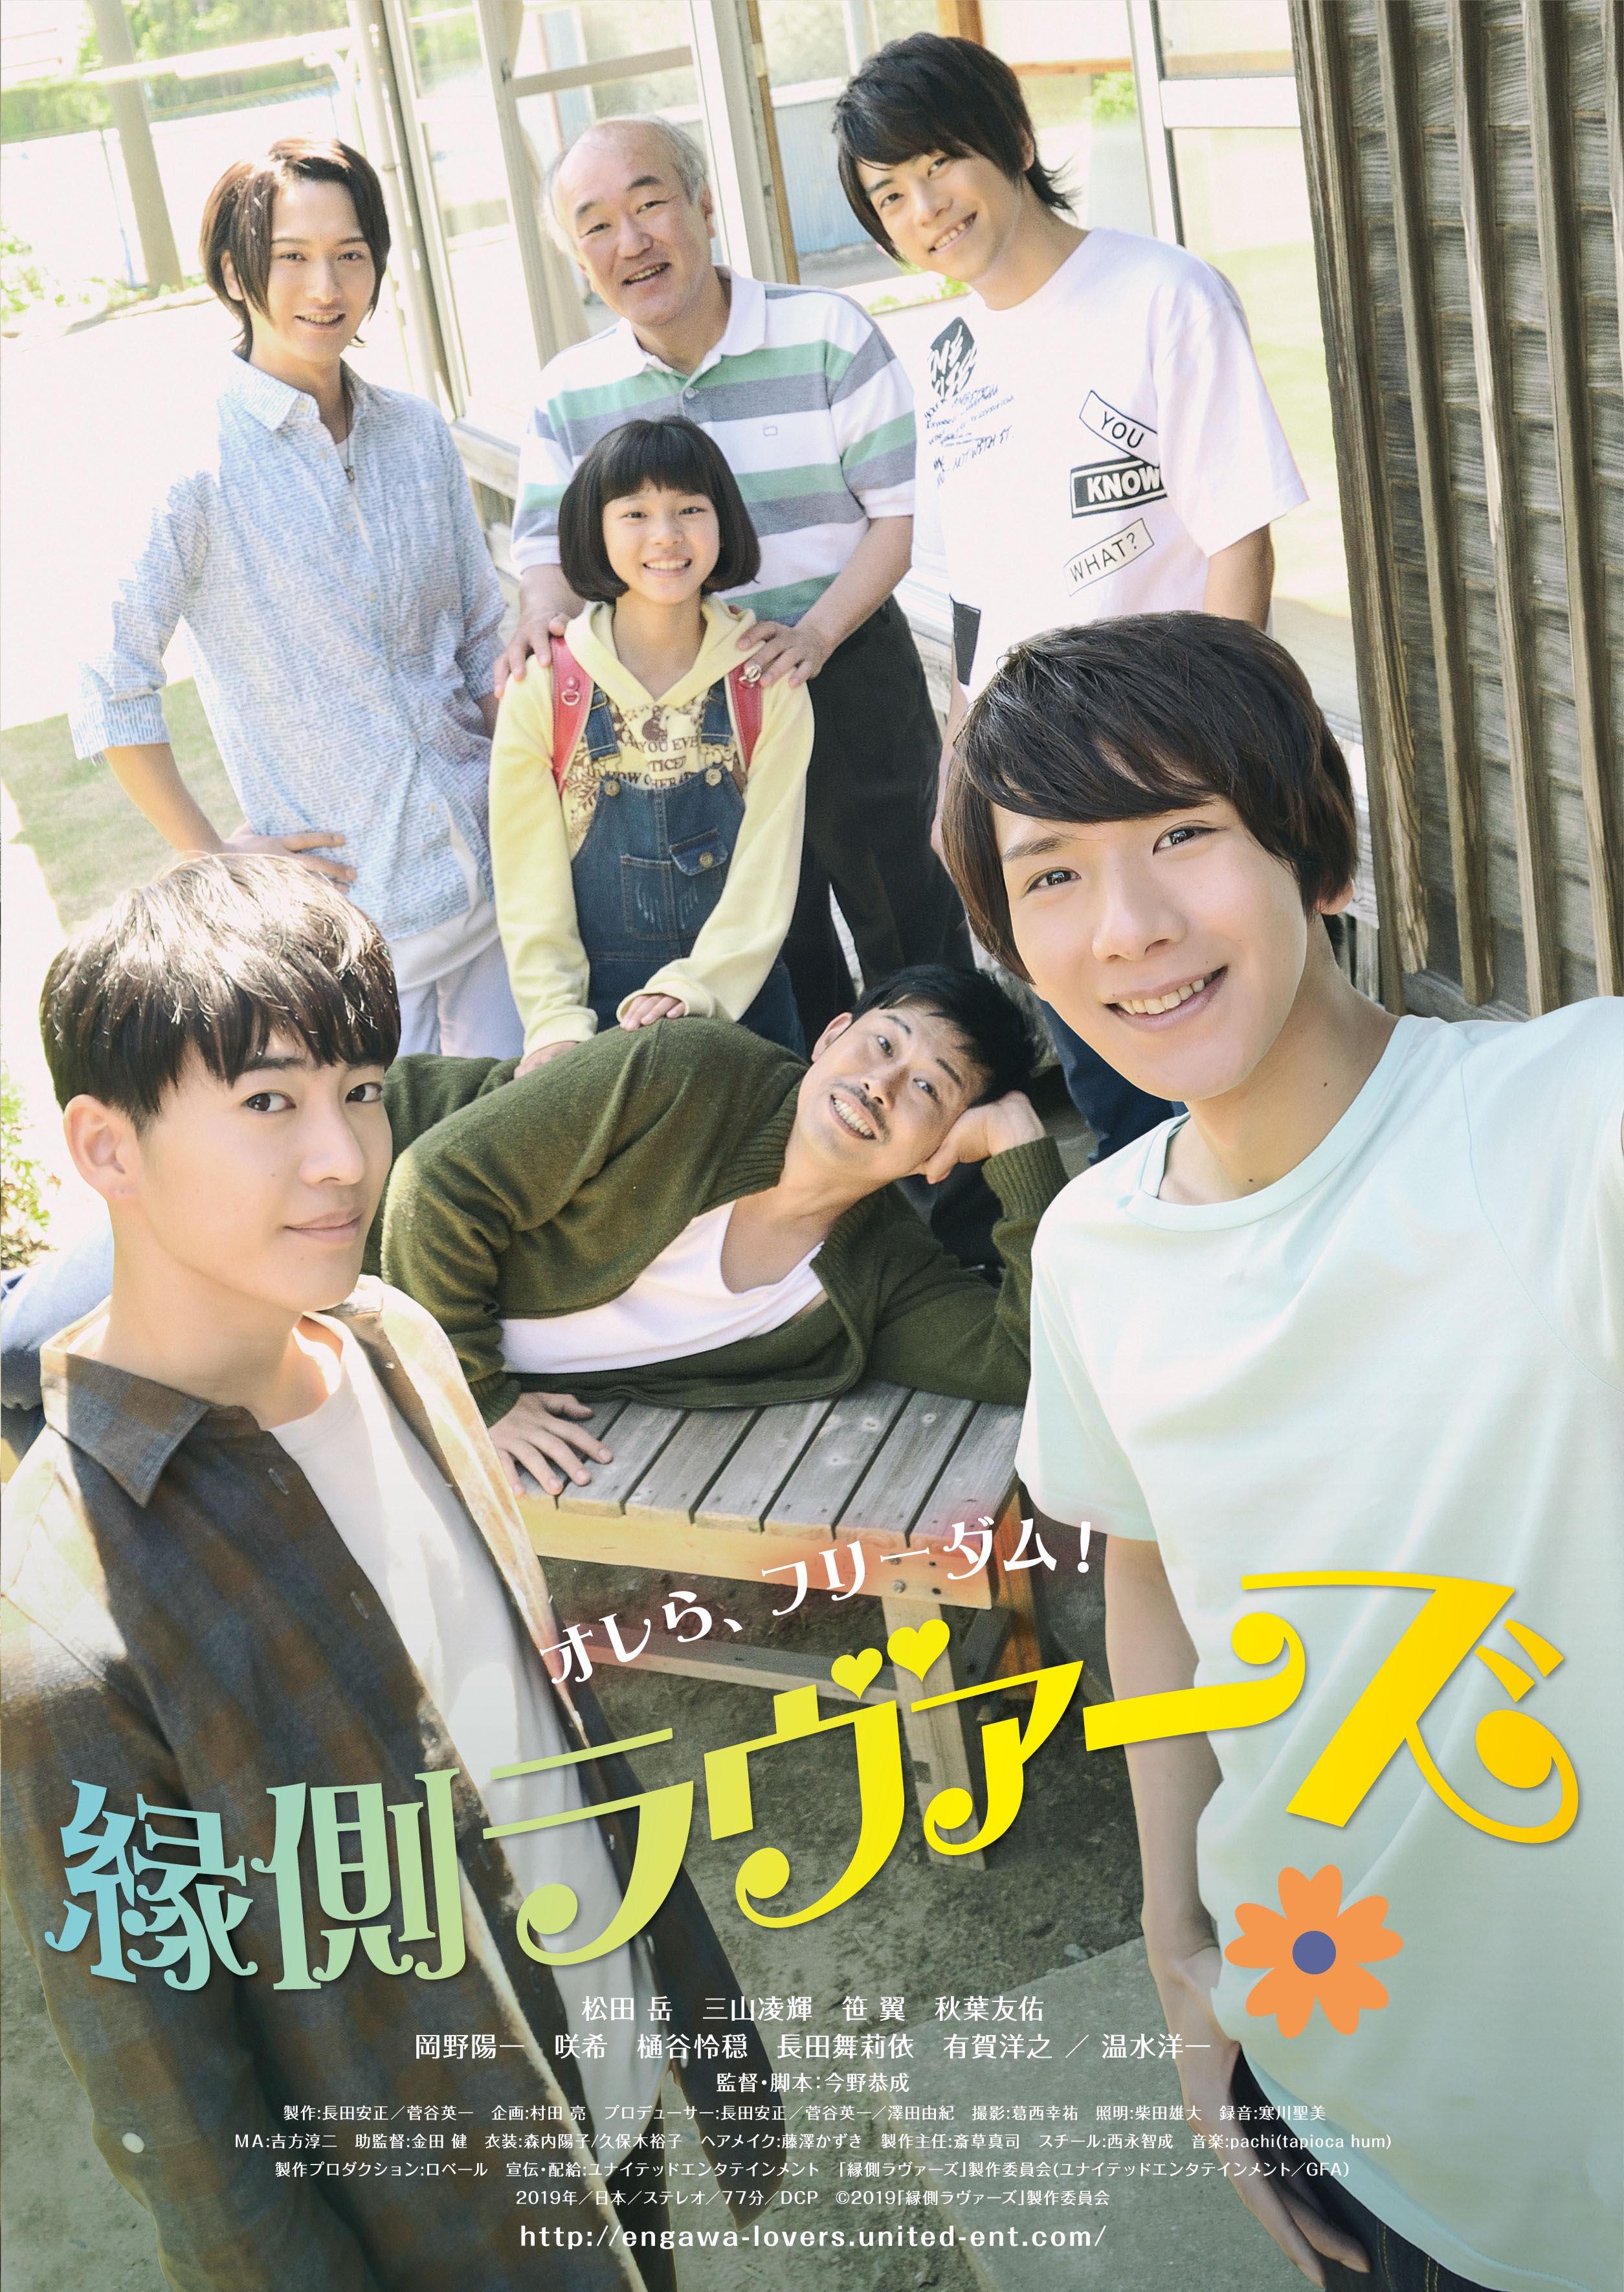 映画「縁側ラヴァーズ1・2」DVD発売記念イベント